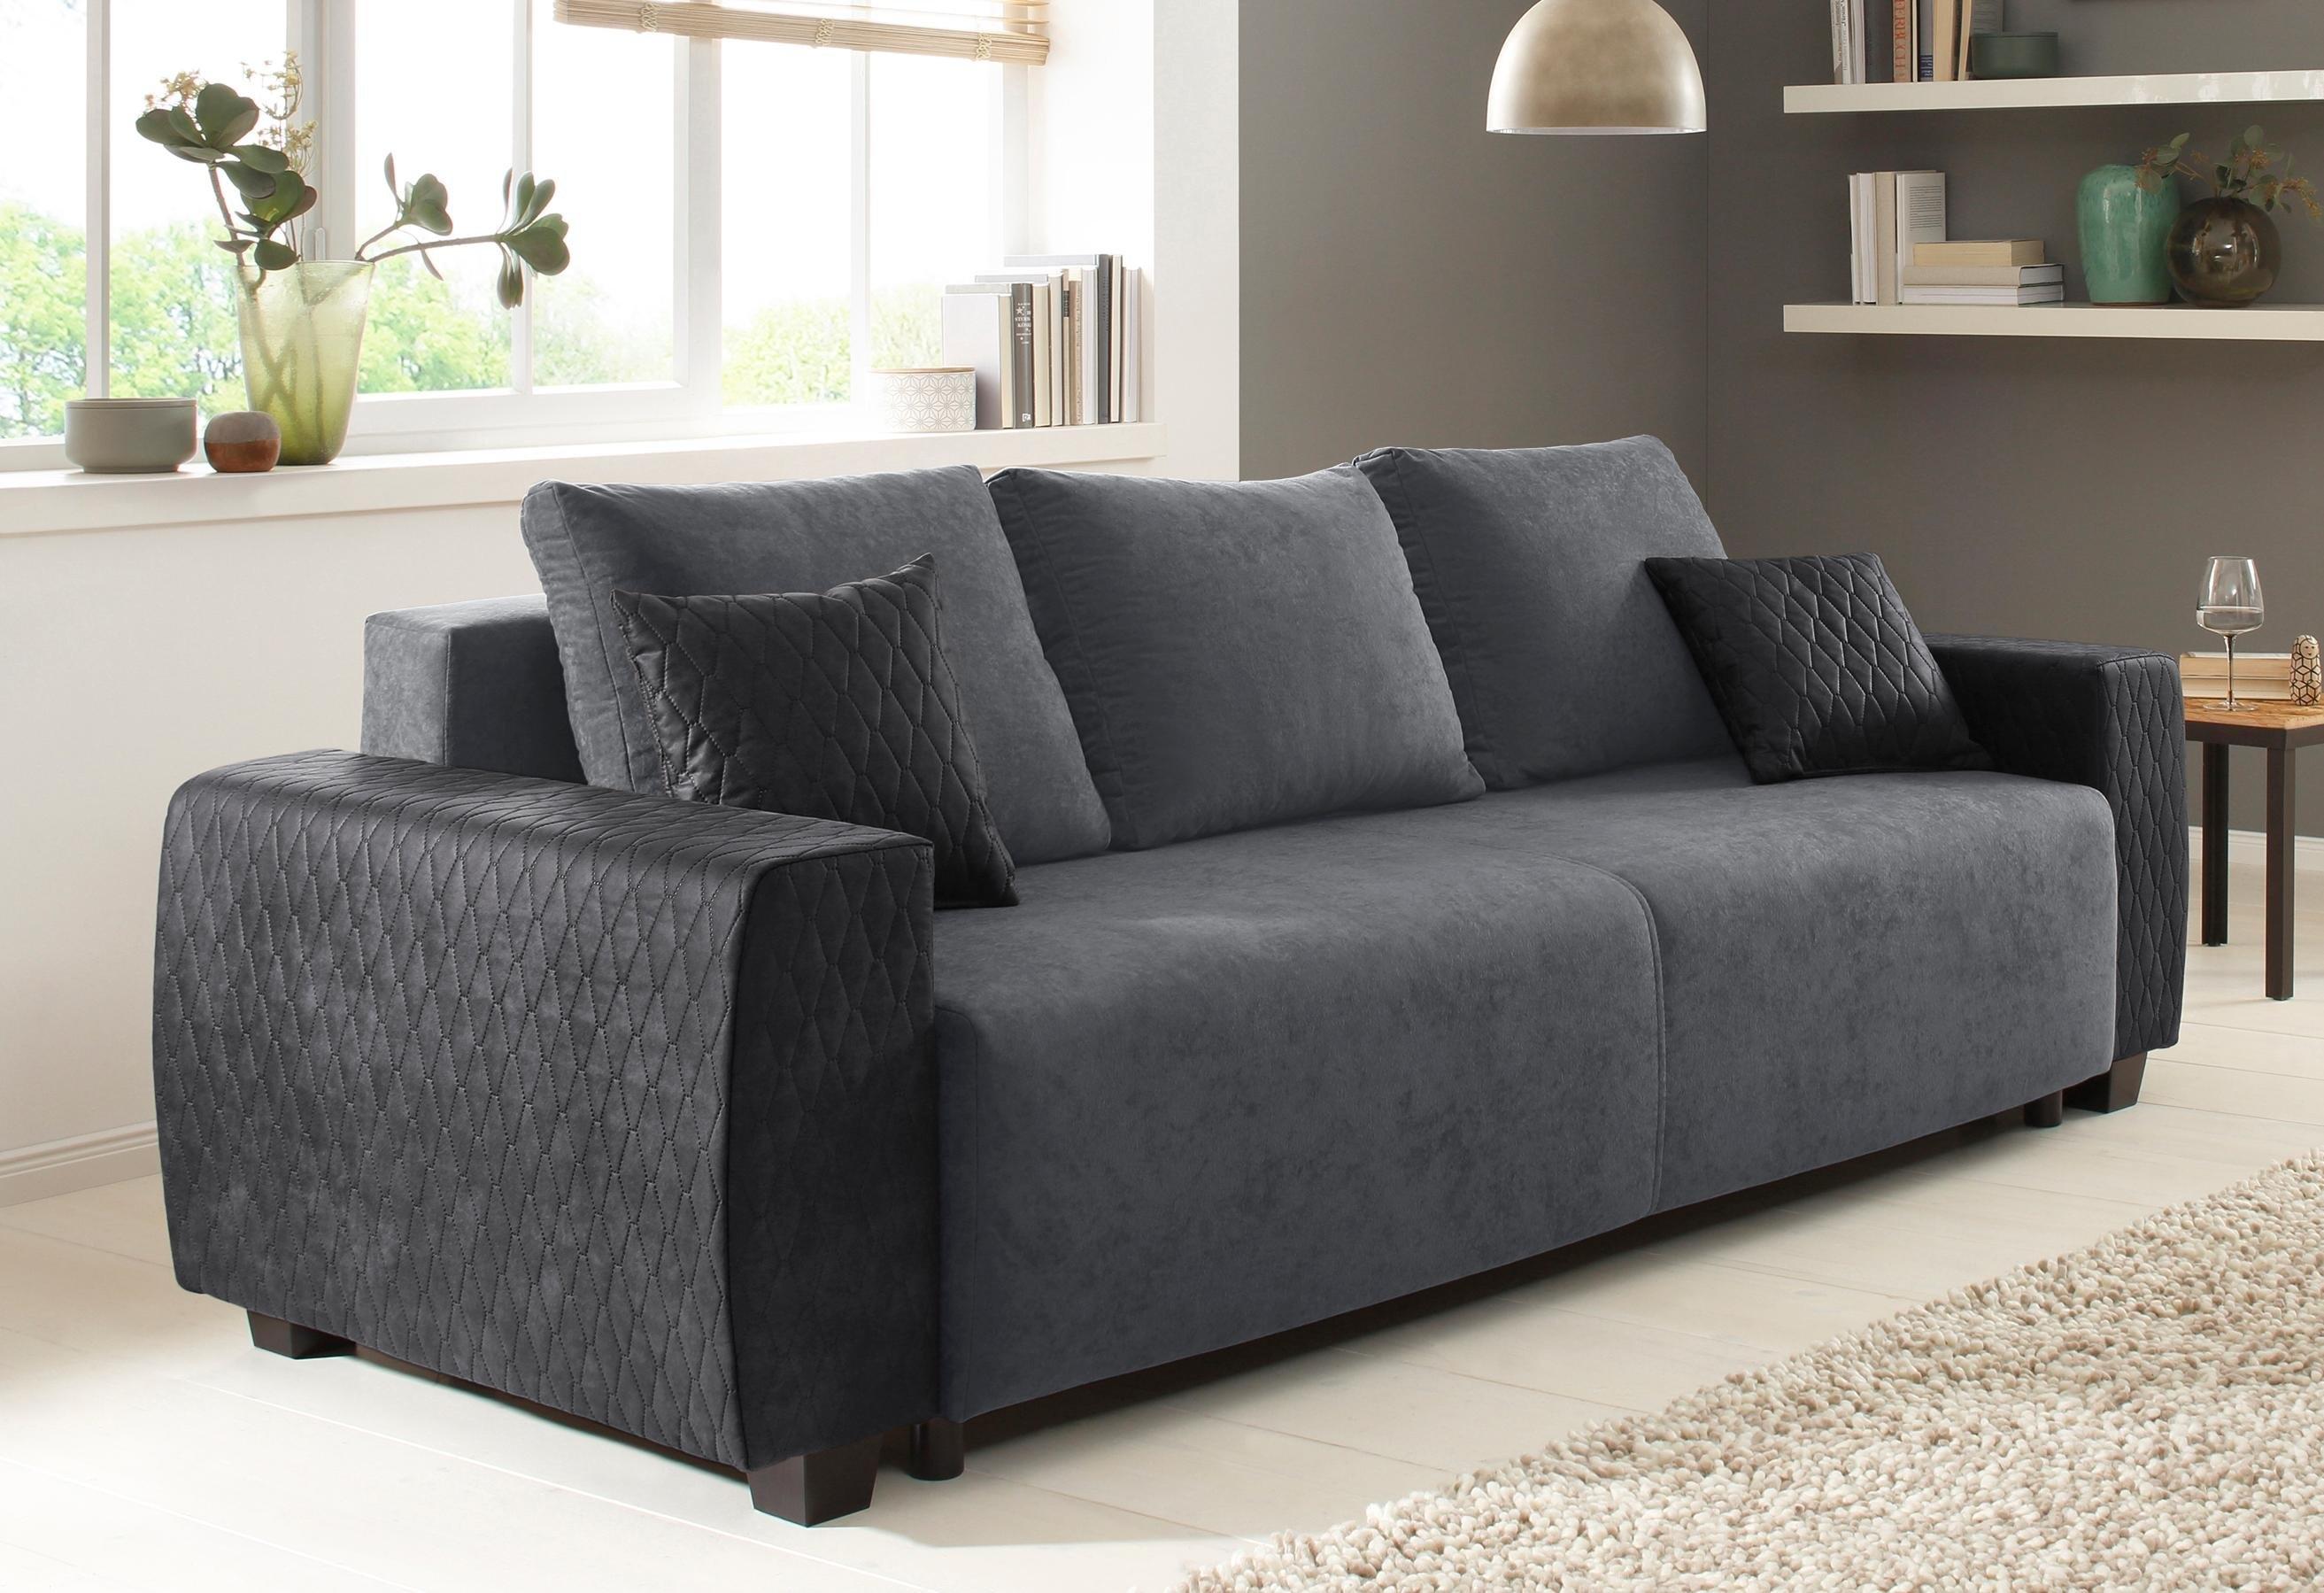 Zwart Lederen Slaapbank.Goedkope Slaapbank Ikea